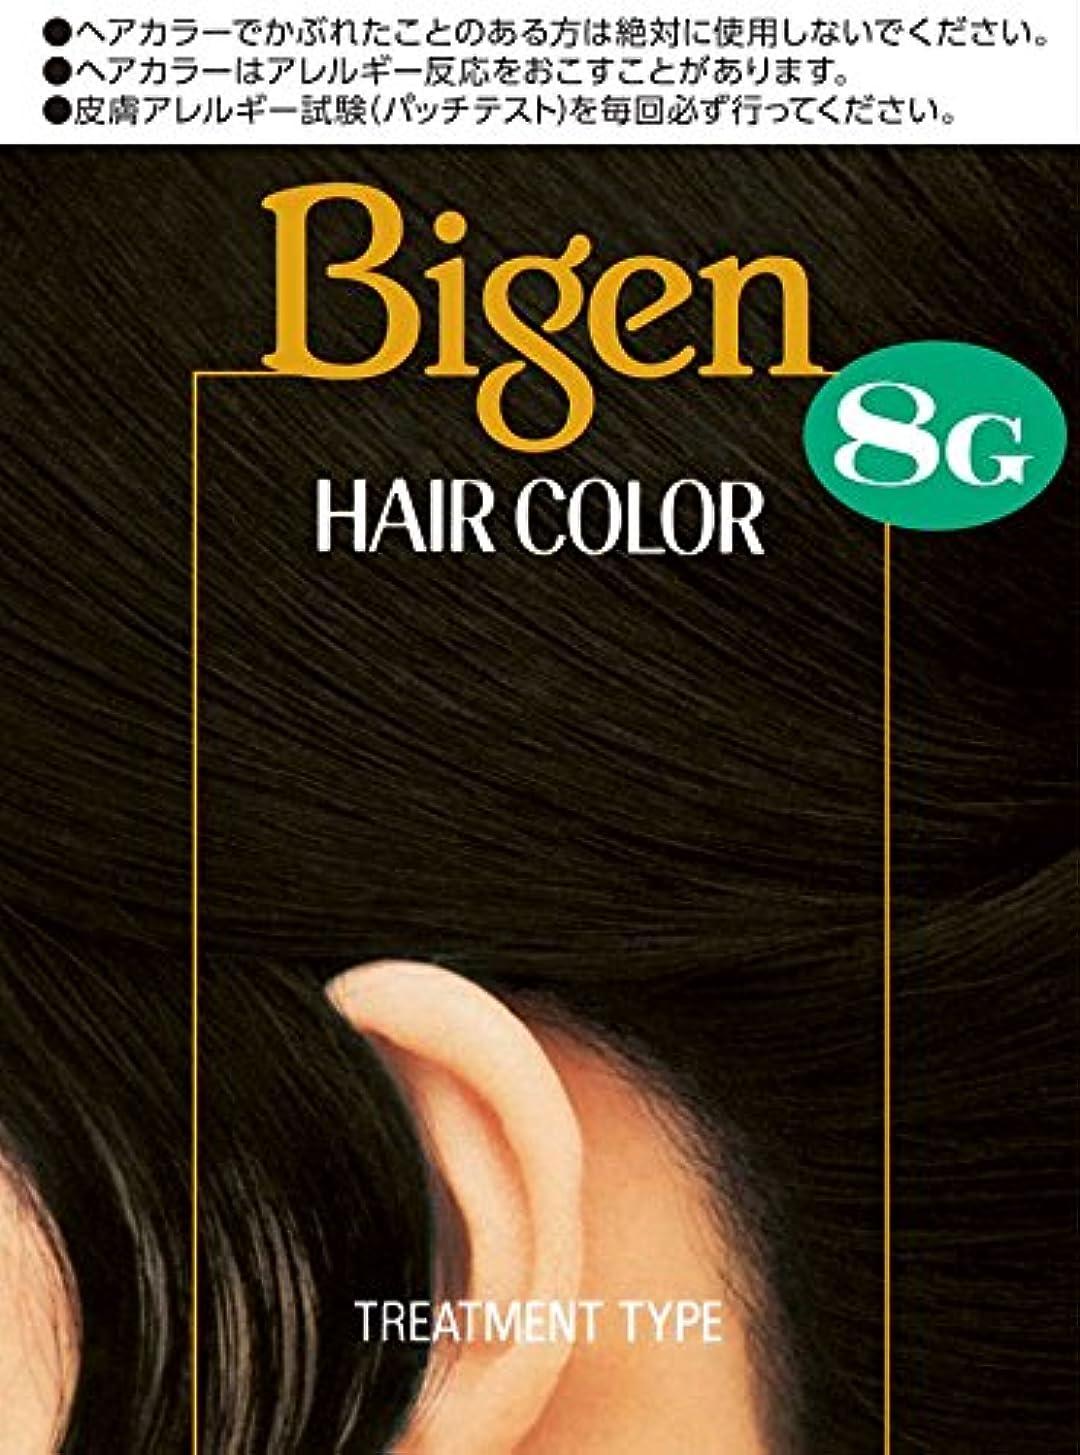 分散ショッピングセンター一般化するホーユー ビゲン ヘアカラー 8G (自然な黒色) 1剤40mL+2剤40mL [医薬部外品]